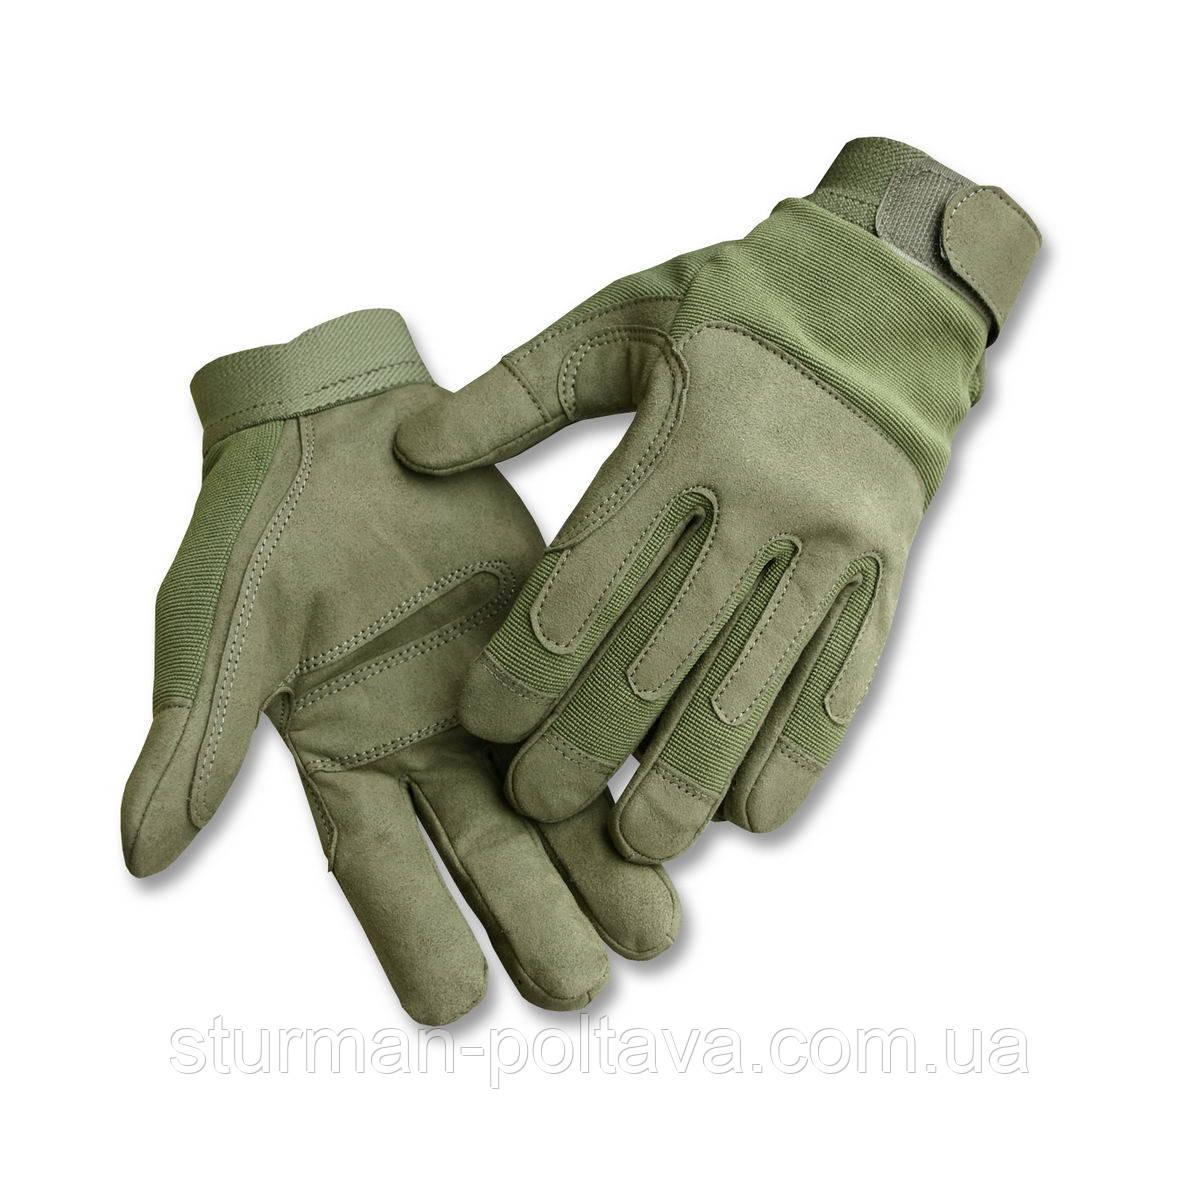 Рукавички чоловічі комбіновані тактичні армійські ARMY GLOVES OLIV Mil-Tec колір олива Німеччина